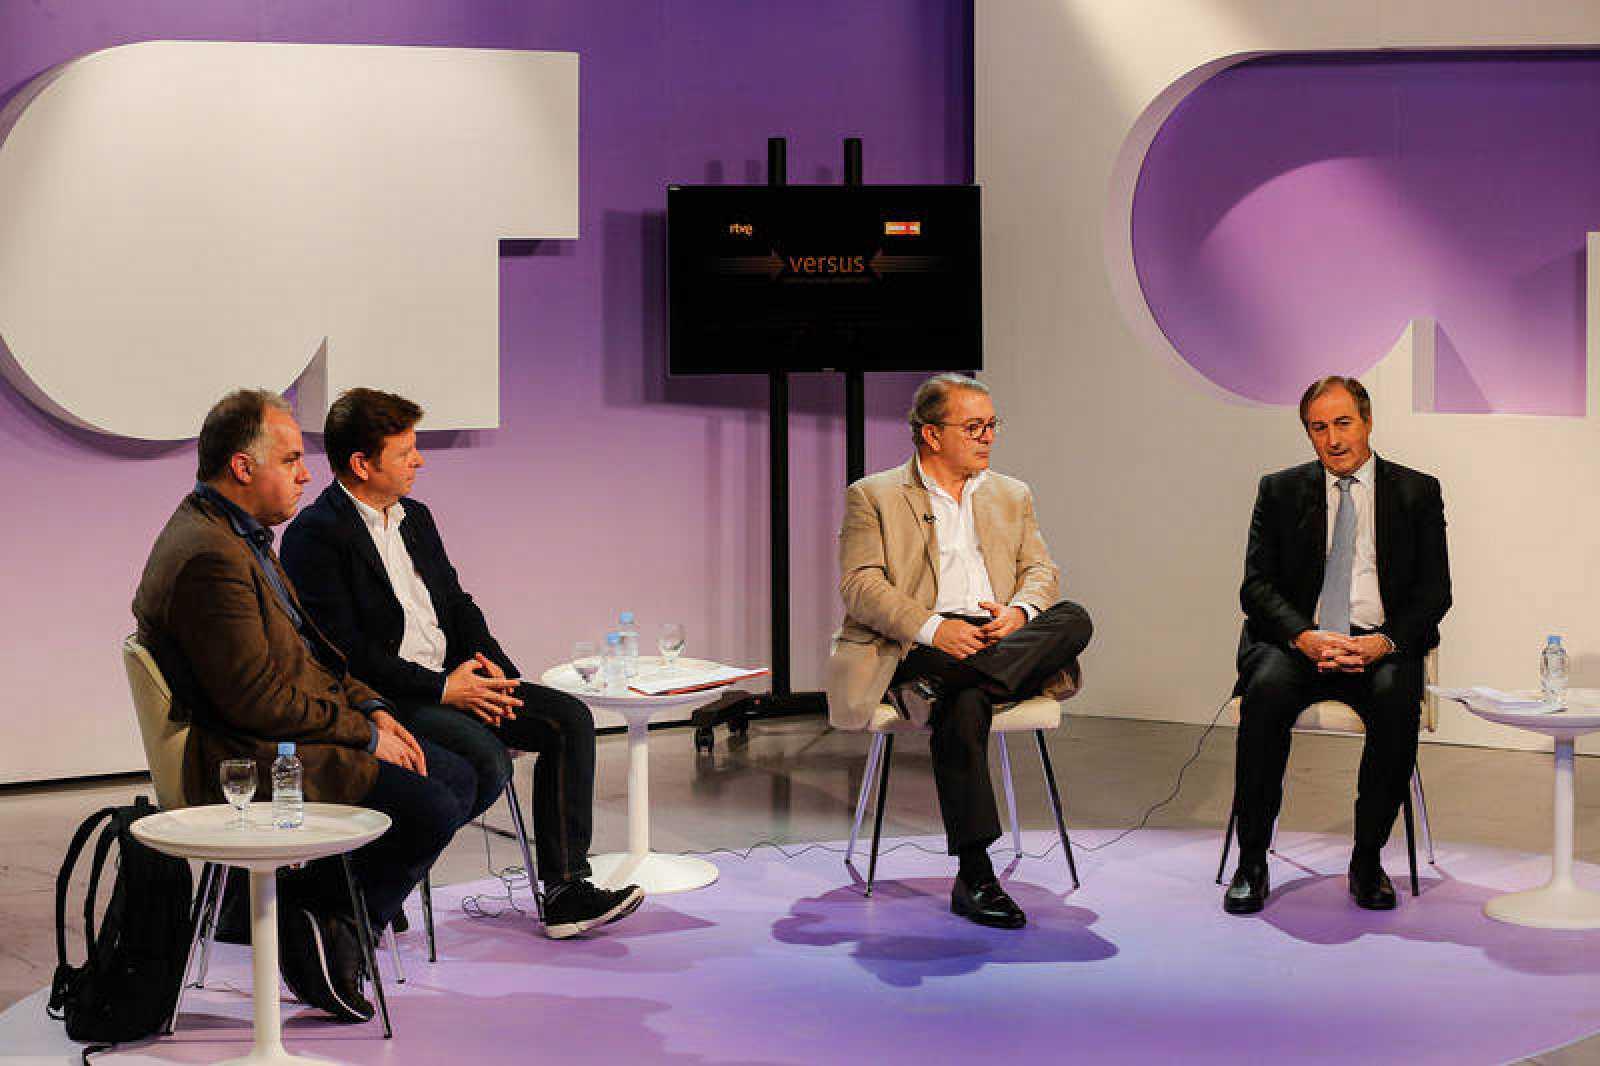 Lluís Alsina, Tinet Rubira, José Ramón Díez y Eladio Jareño han inaugurado el ciclo de debate profesional 'Versus' del Instituto RTVE